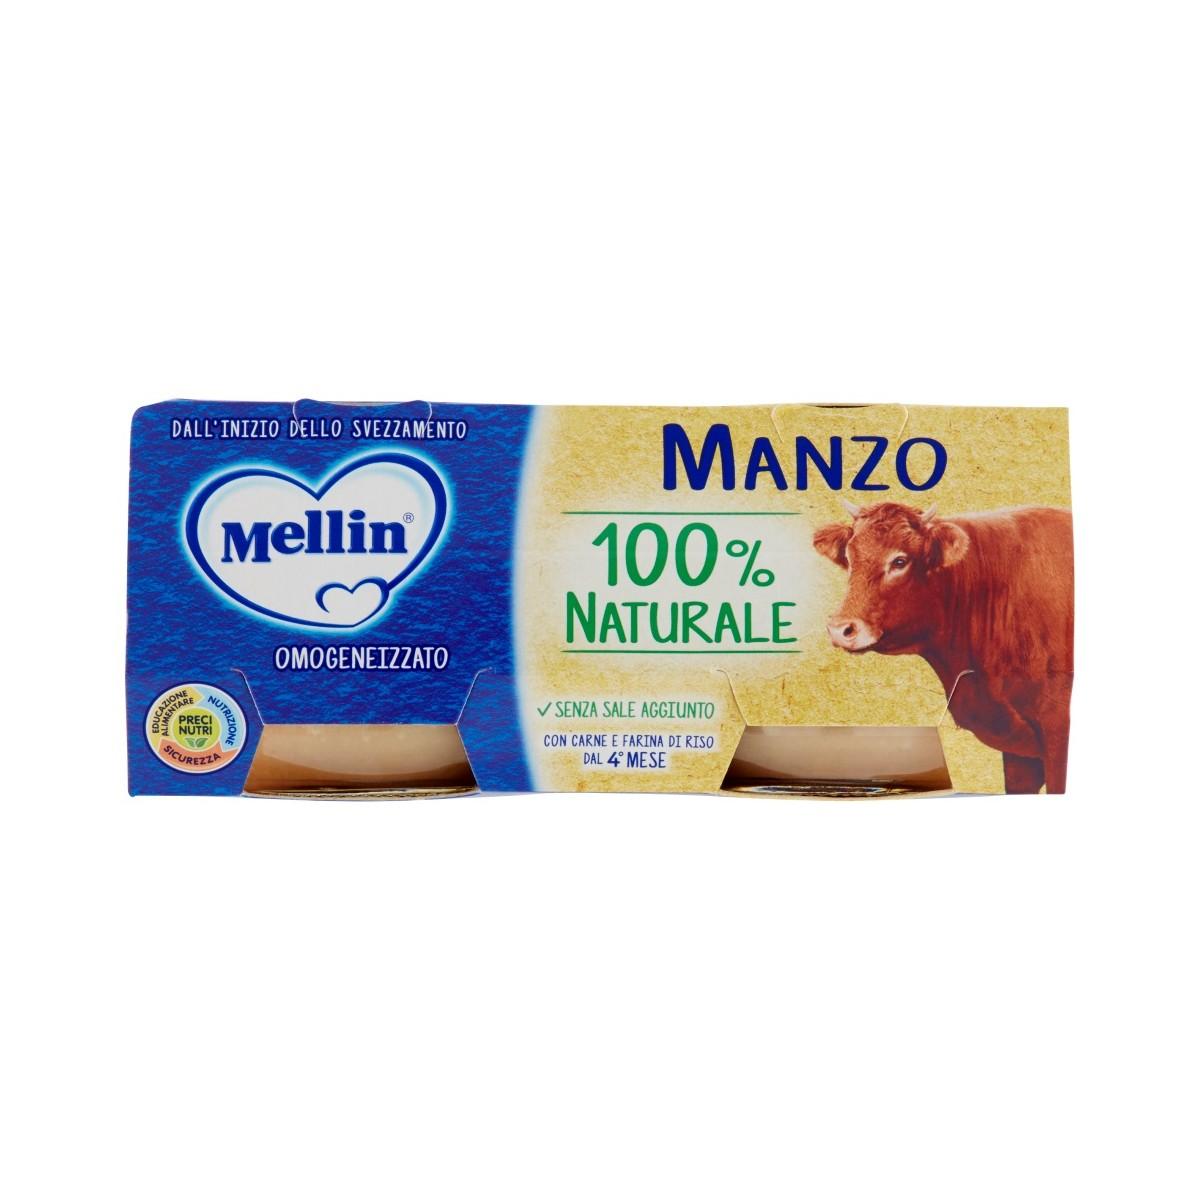 Mellin Omogeneizzato Manzo